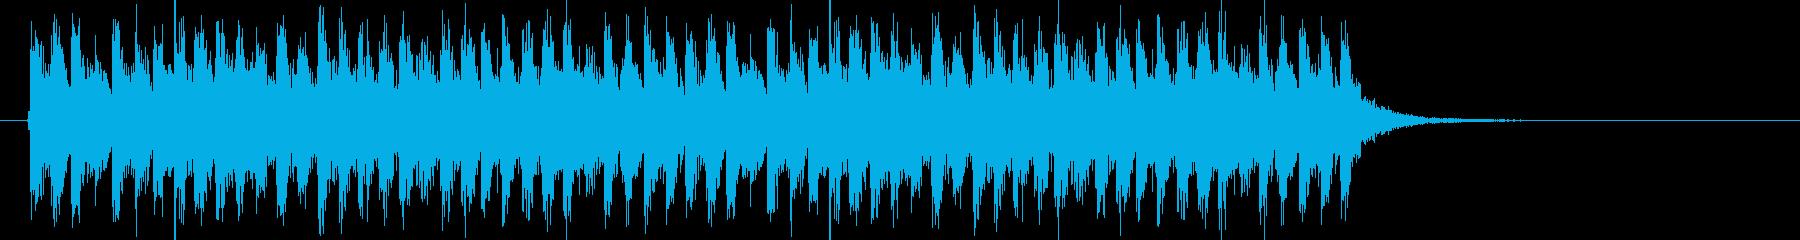 爽快感のある明るい音楽の再生済みの波形